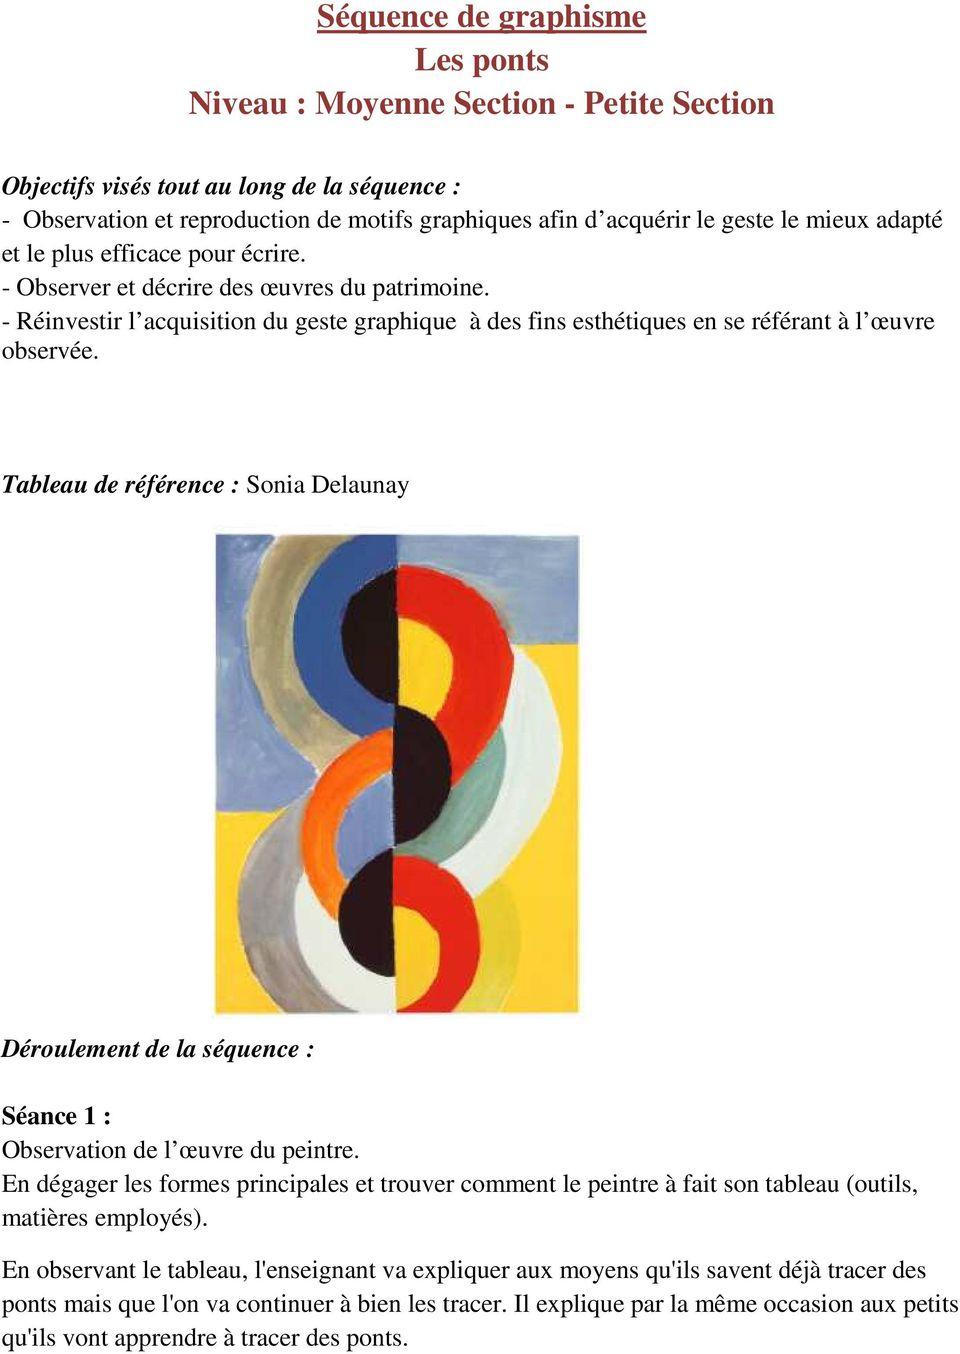 Séquence De Graphisme Les Ronds Niveau : Moyenne Section intérieur Graphisme Moyenne Section Les Ponts